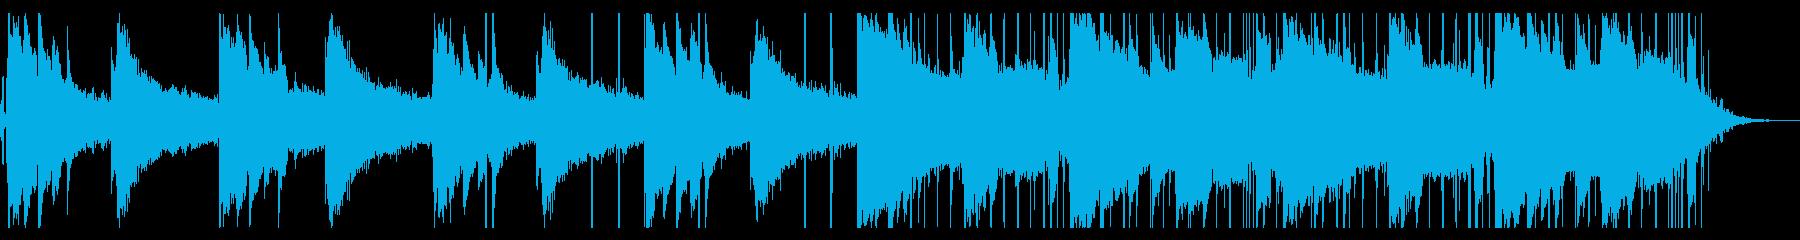 リラックス・ヒップホップ_No392_2の再生済みの波形